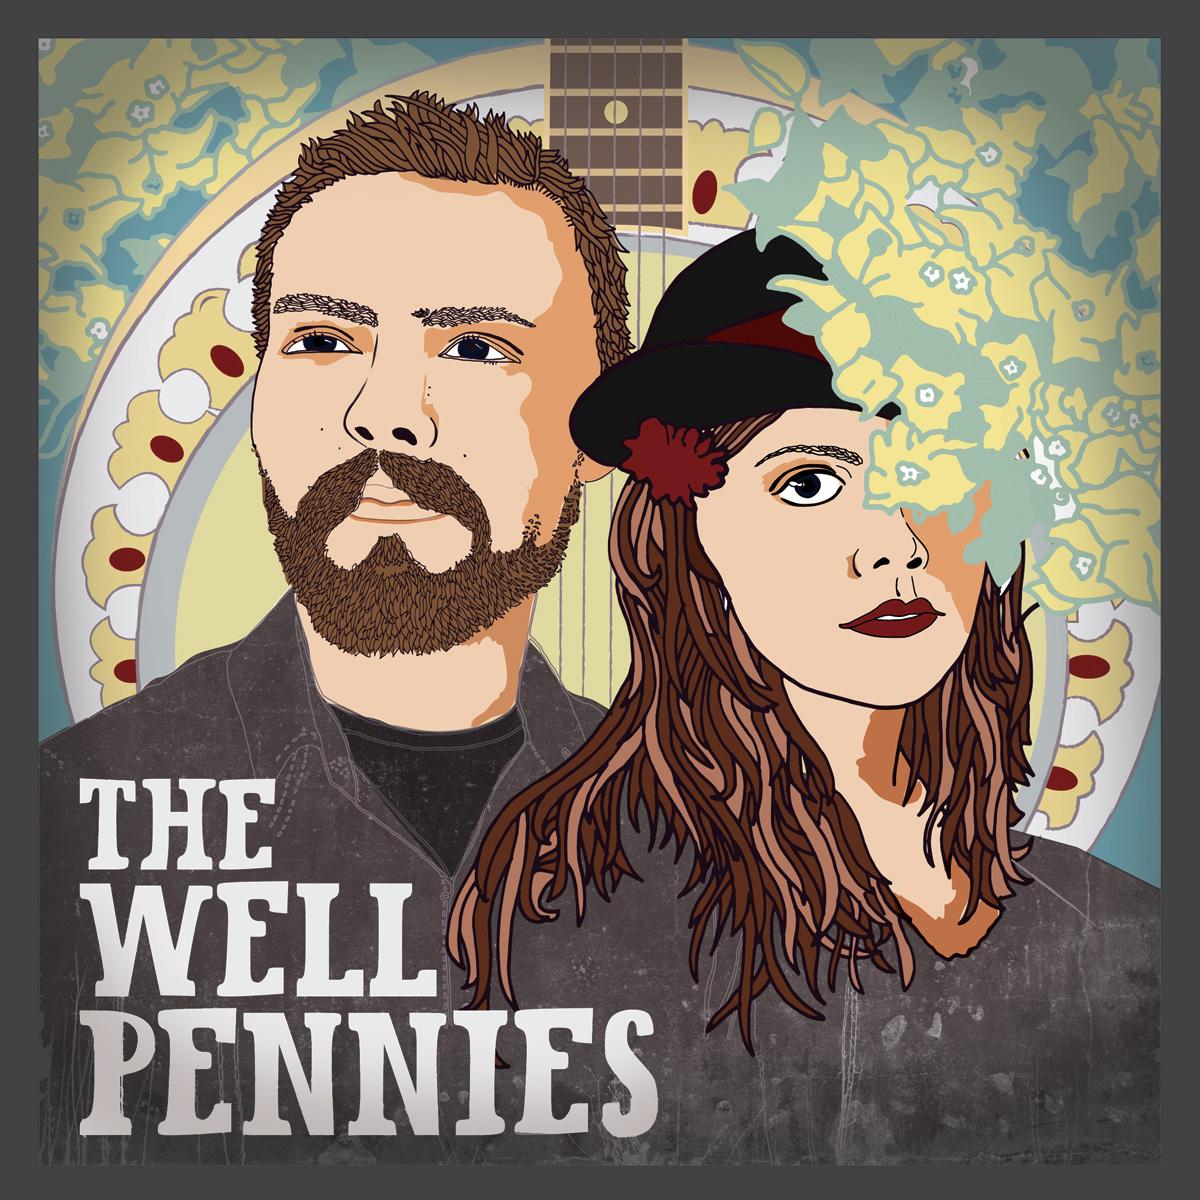 WellPennies-1200-1.jpg